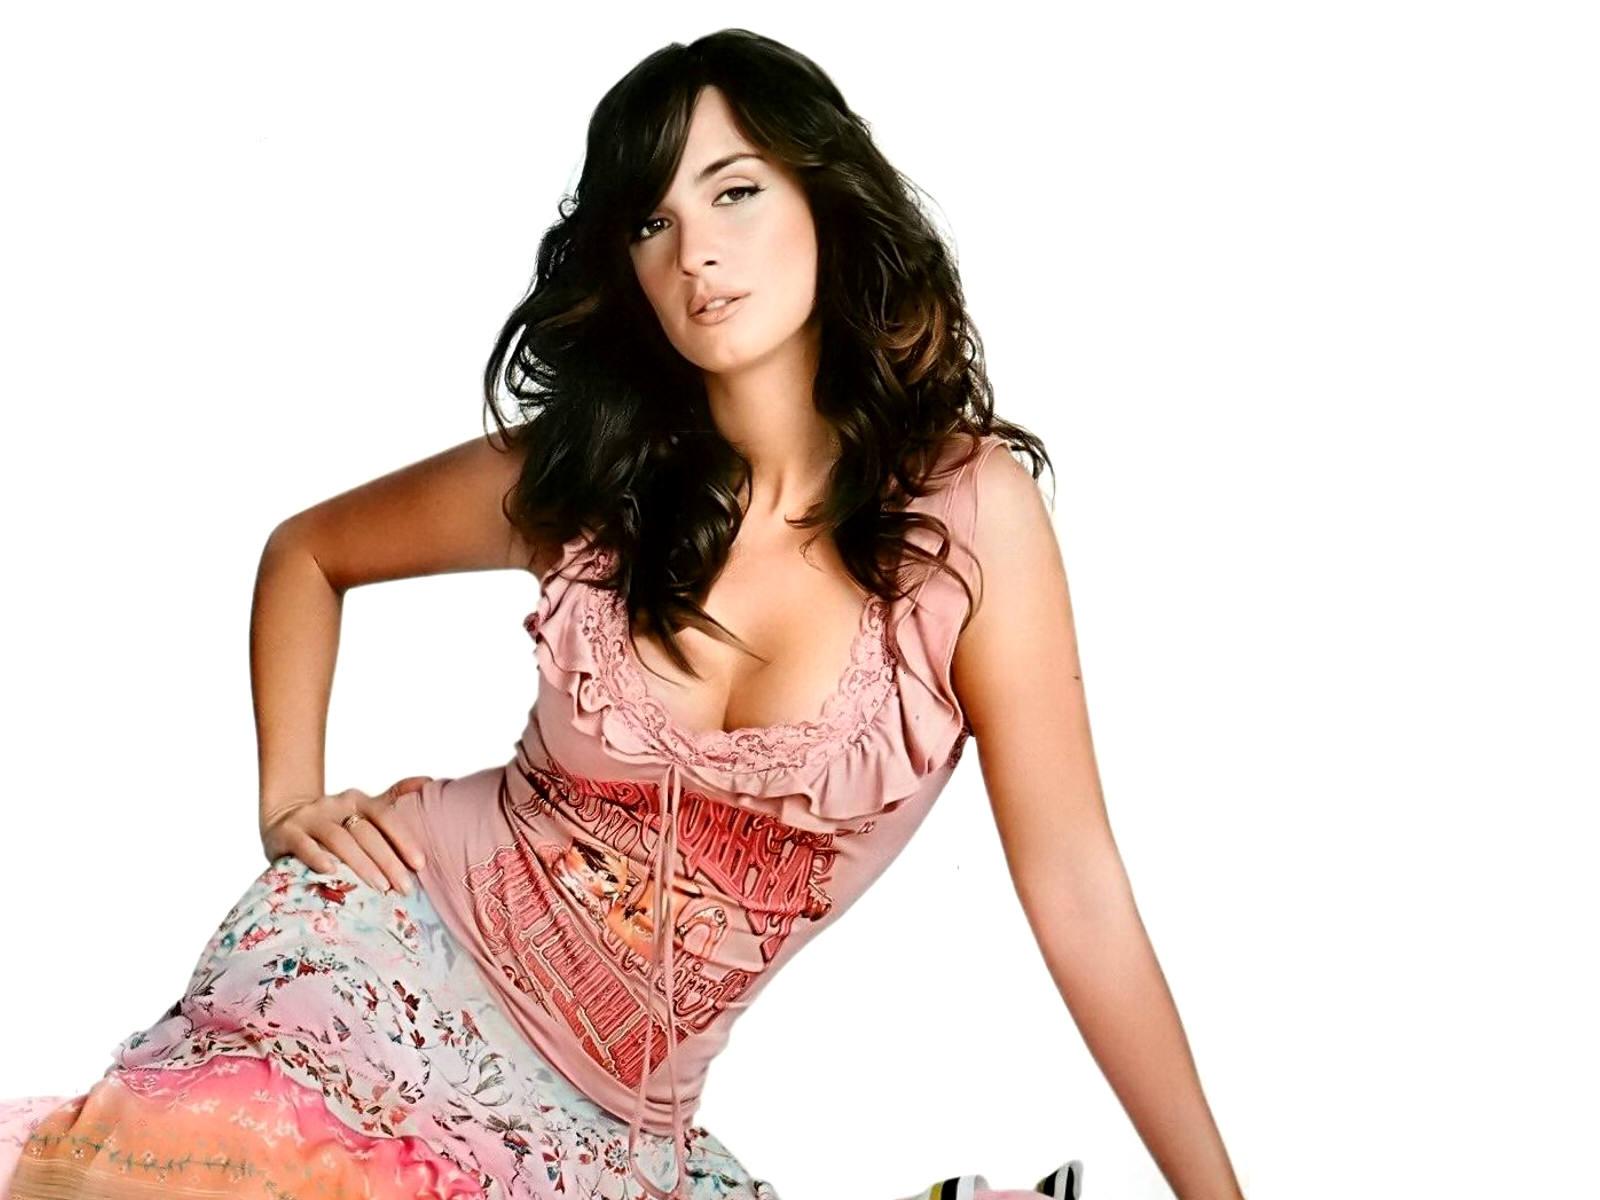 http://3.bp.blogspot.com/_Si7zjQmZnm4/SZW7zCuHCpI/AAAAAAAABRU/CF03trHCrK4/s1600/Fullwalls.blogspot.com_Paz_Vega%2813%29.jpg